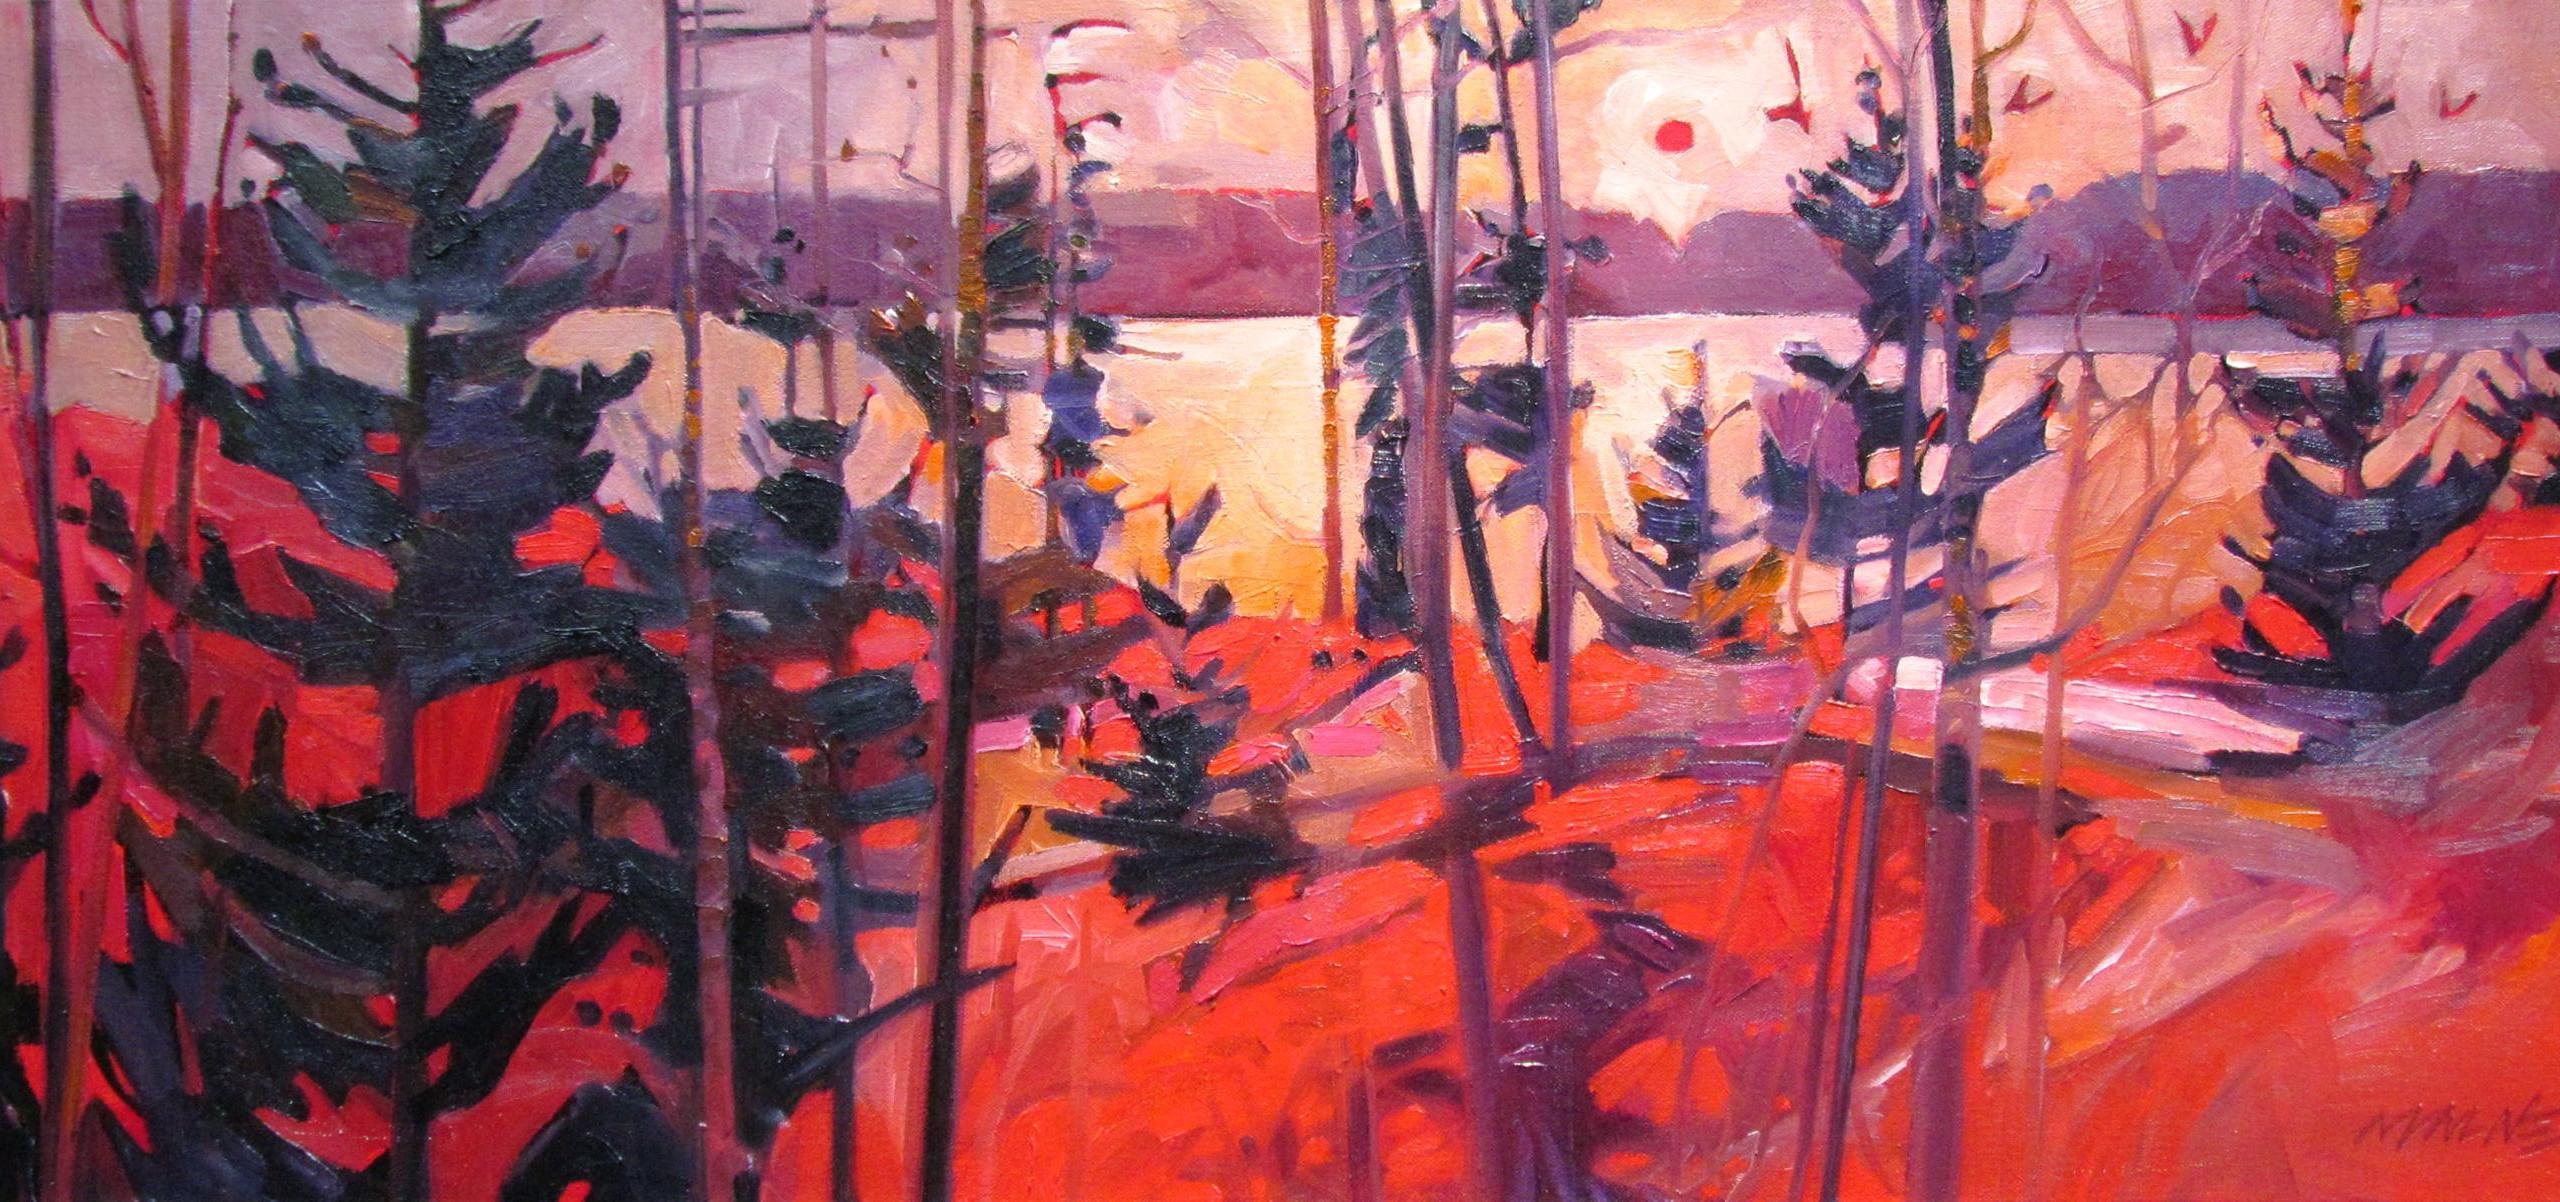 MacNeill, Denise - Smokey Sunset